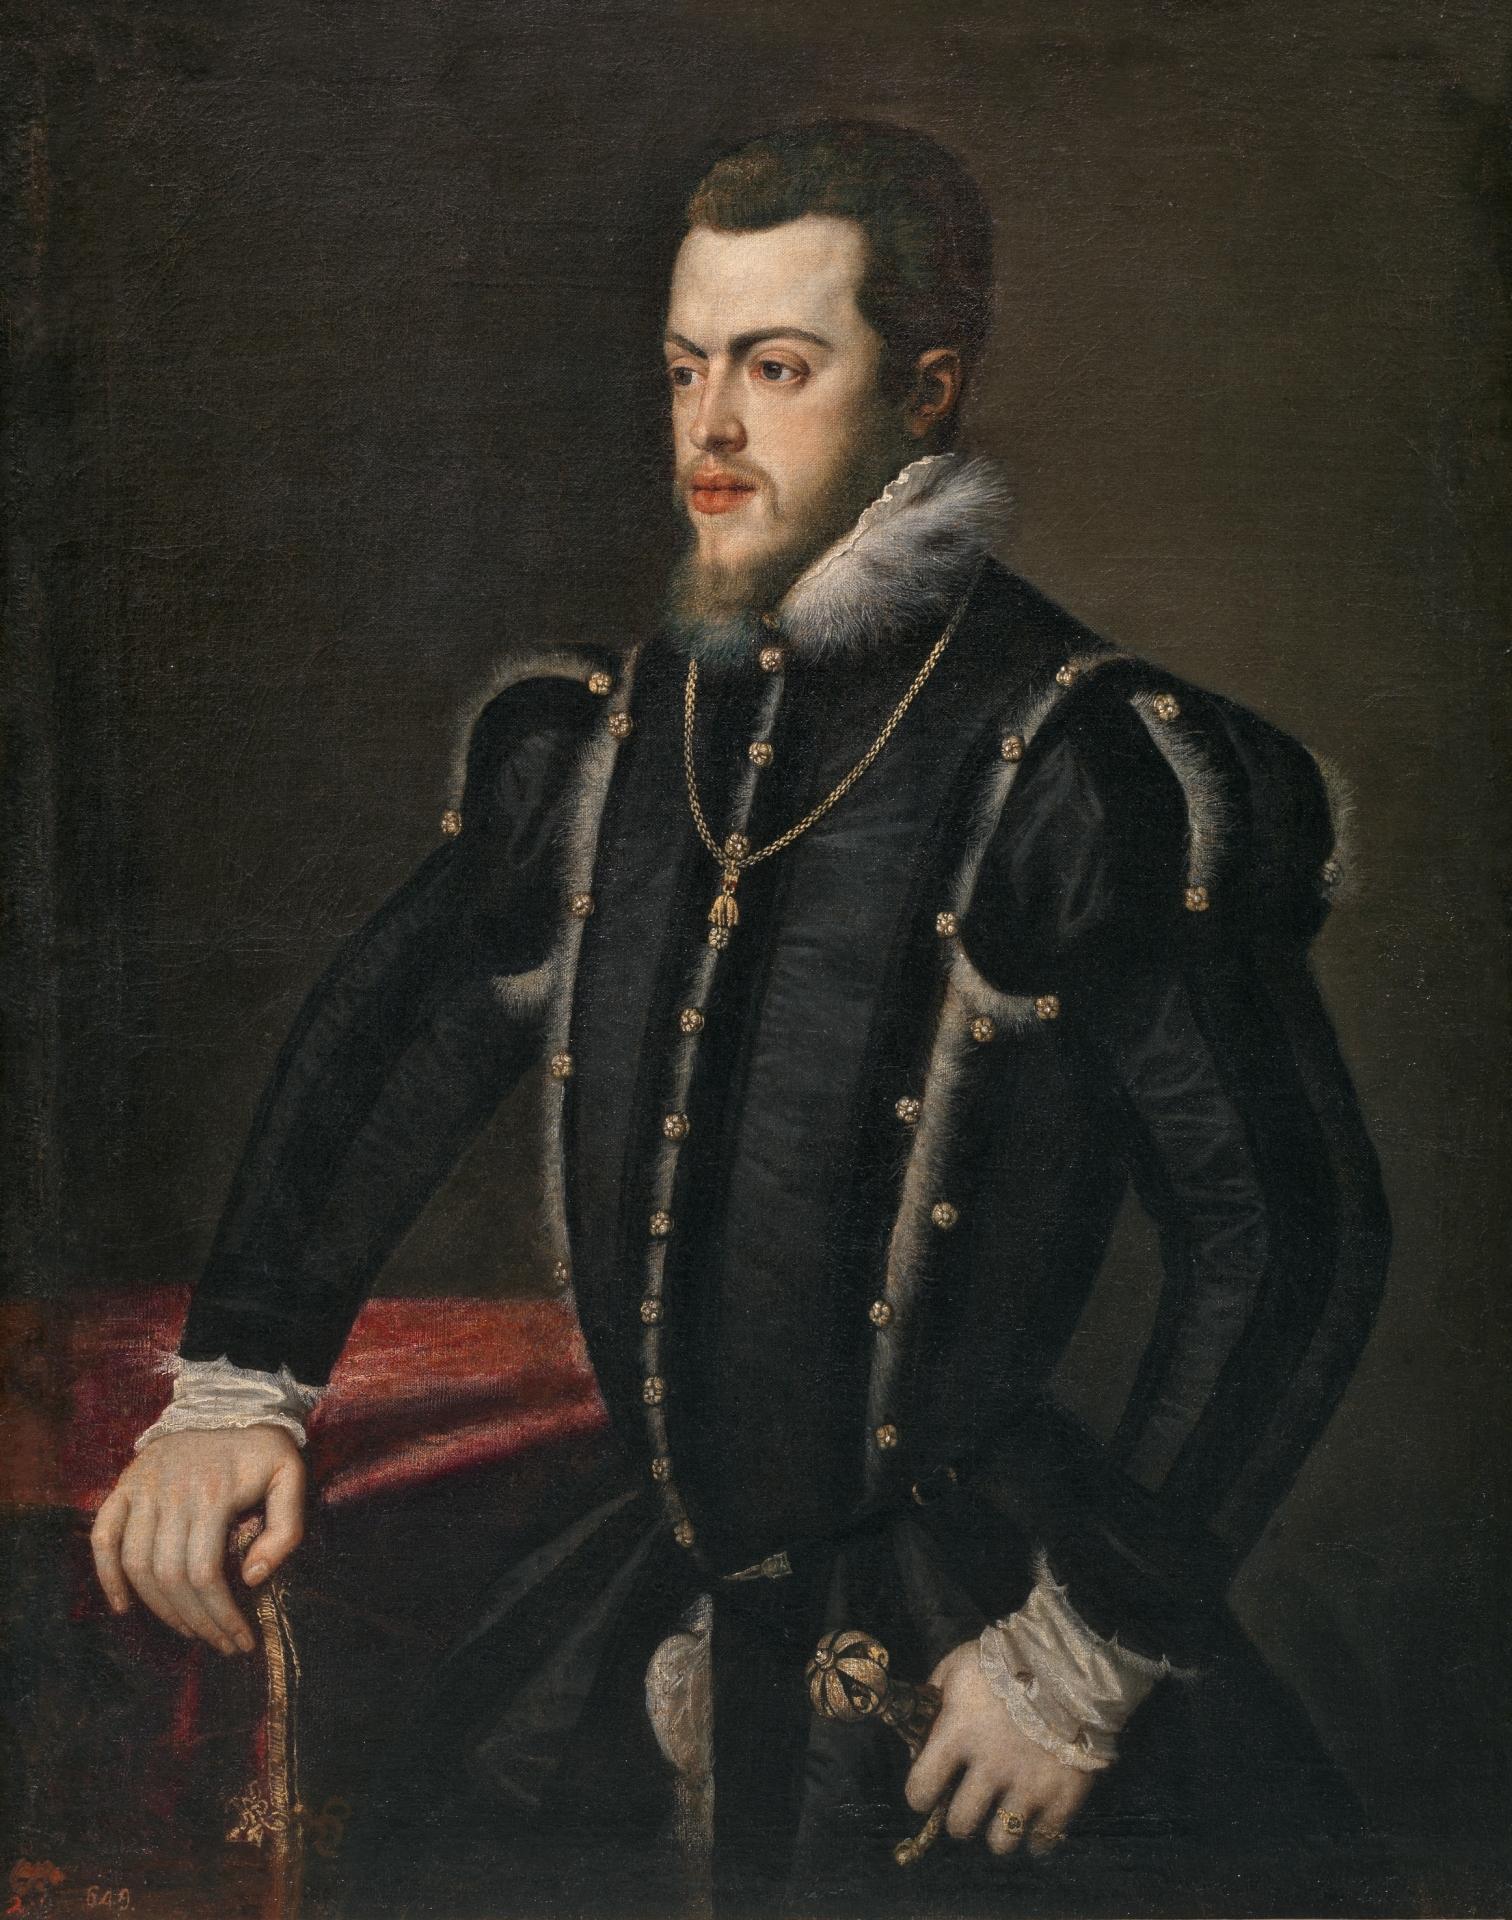 Philip_II_portrait_by_Titian